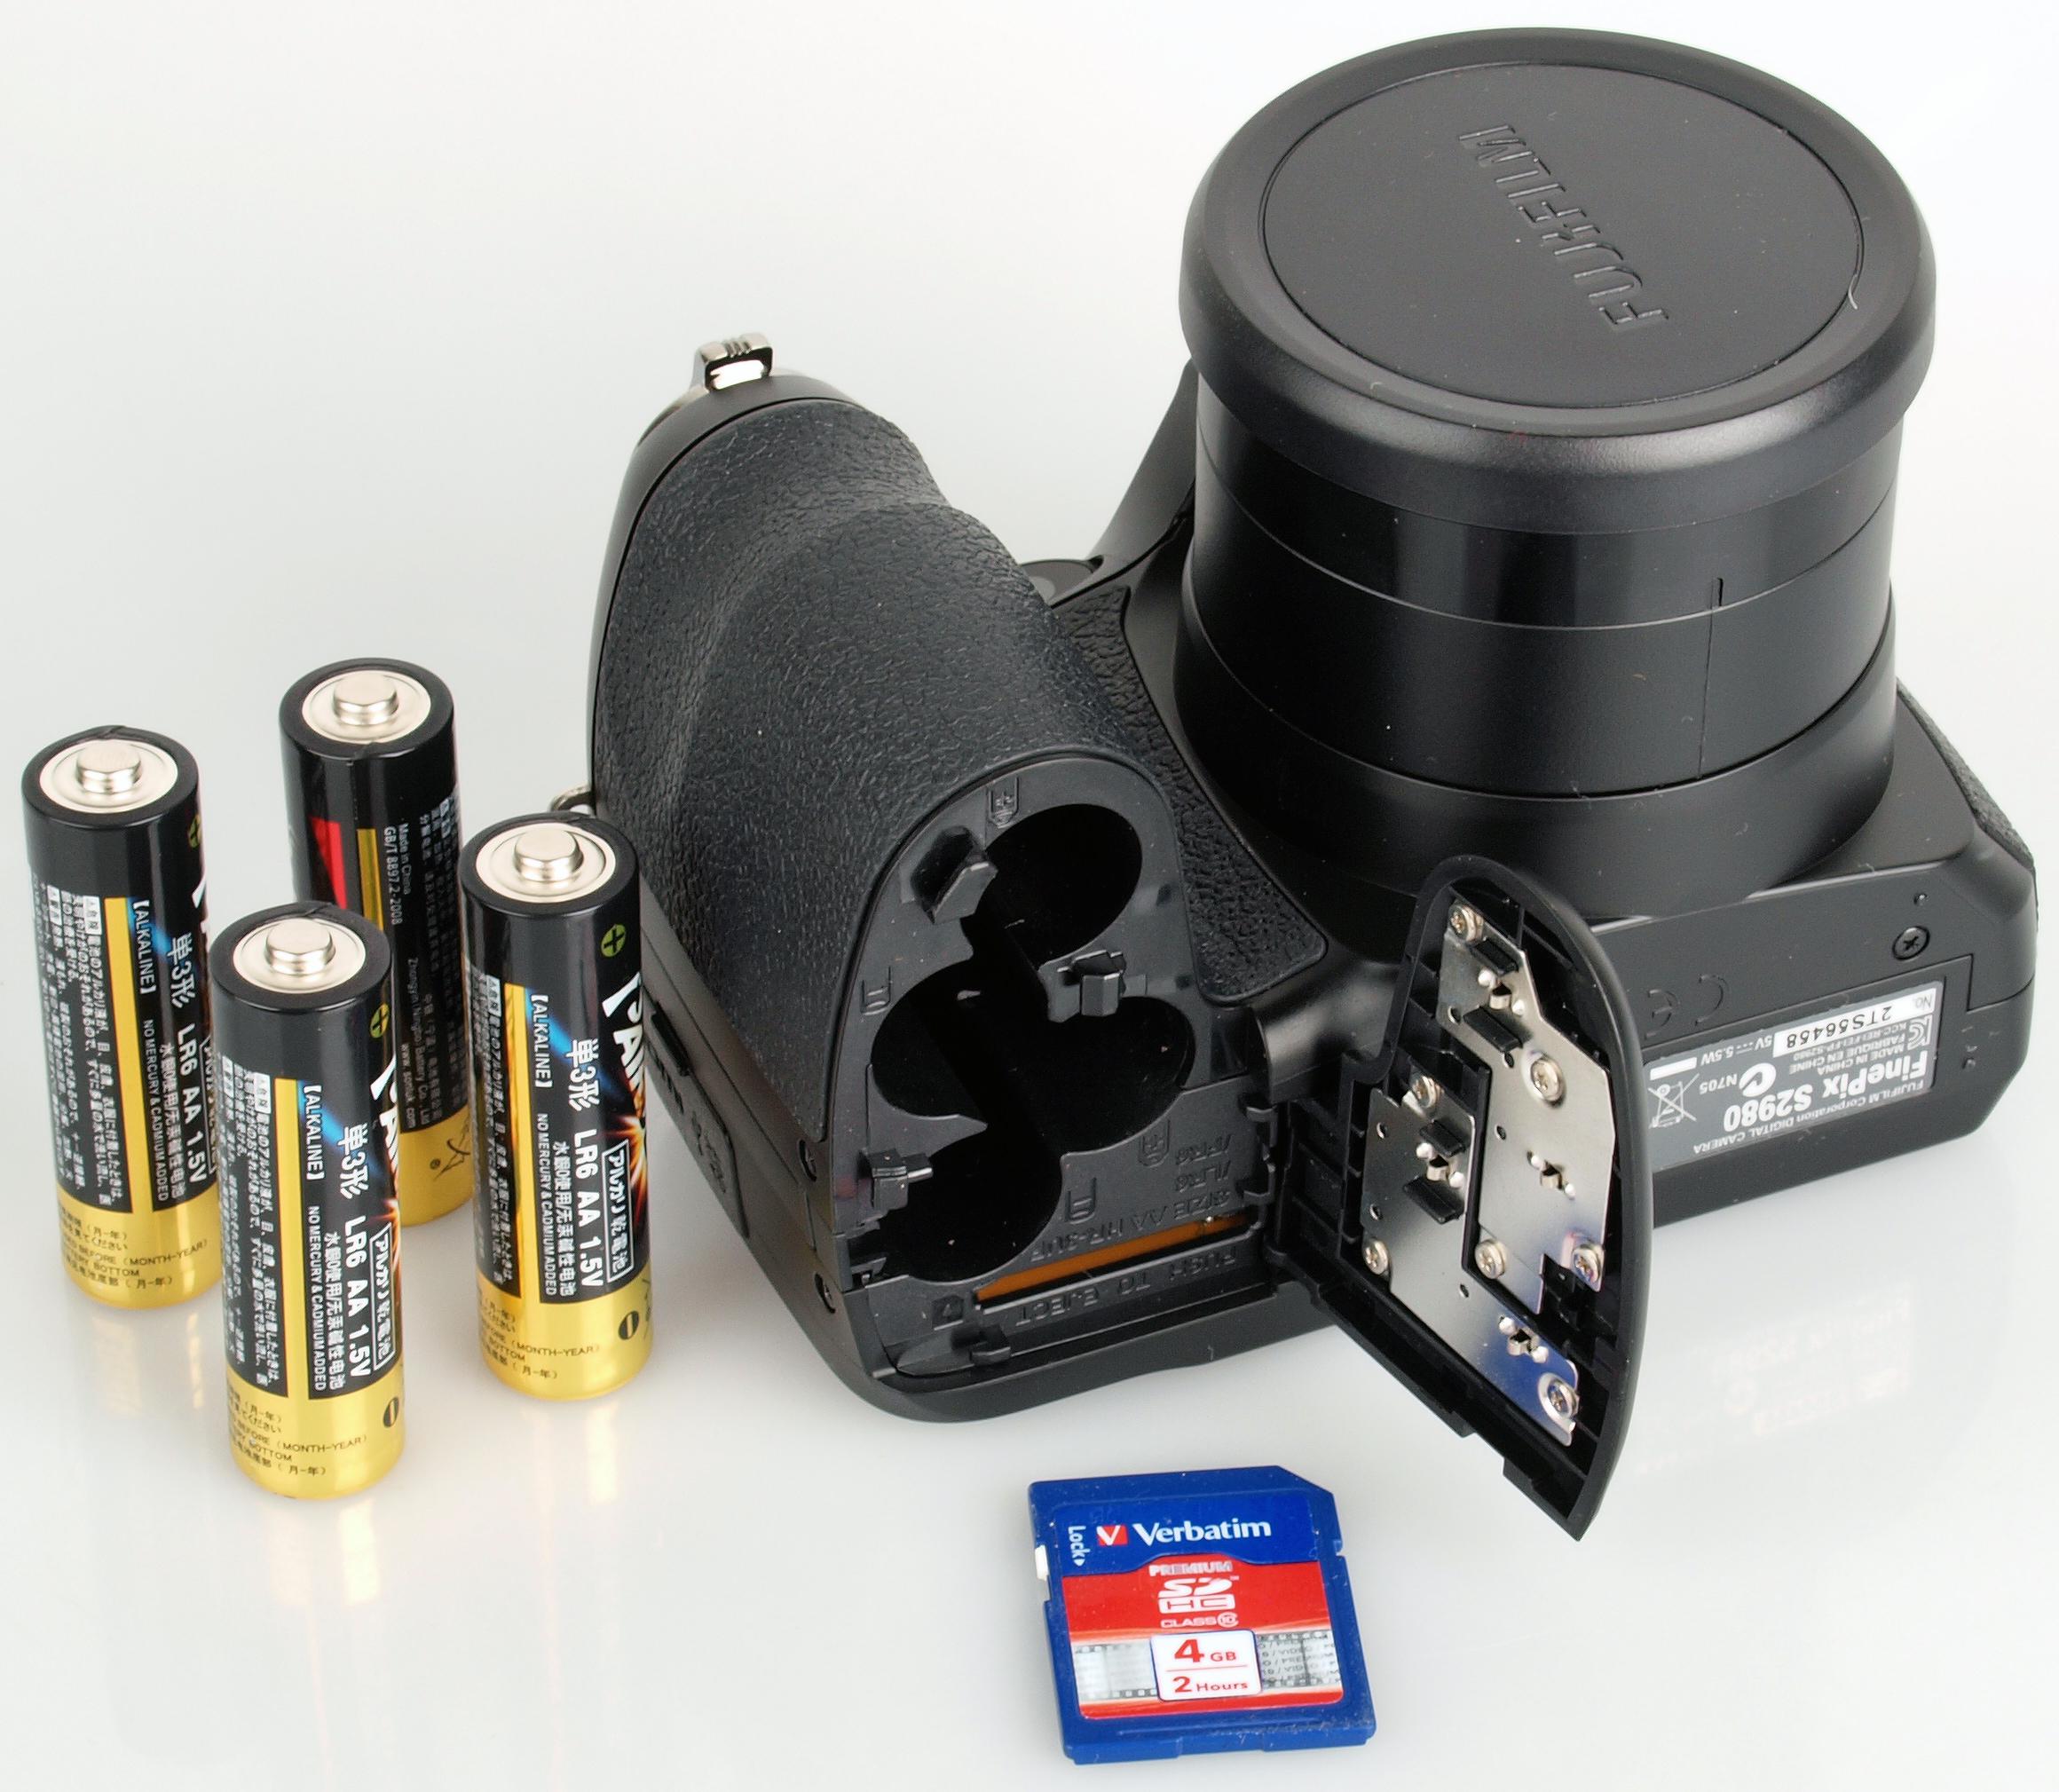 Fujifilm FinePix S2980 Camera Driver Windows 7